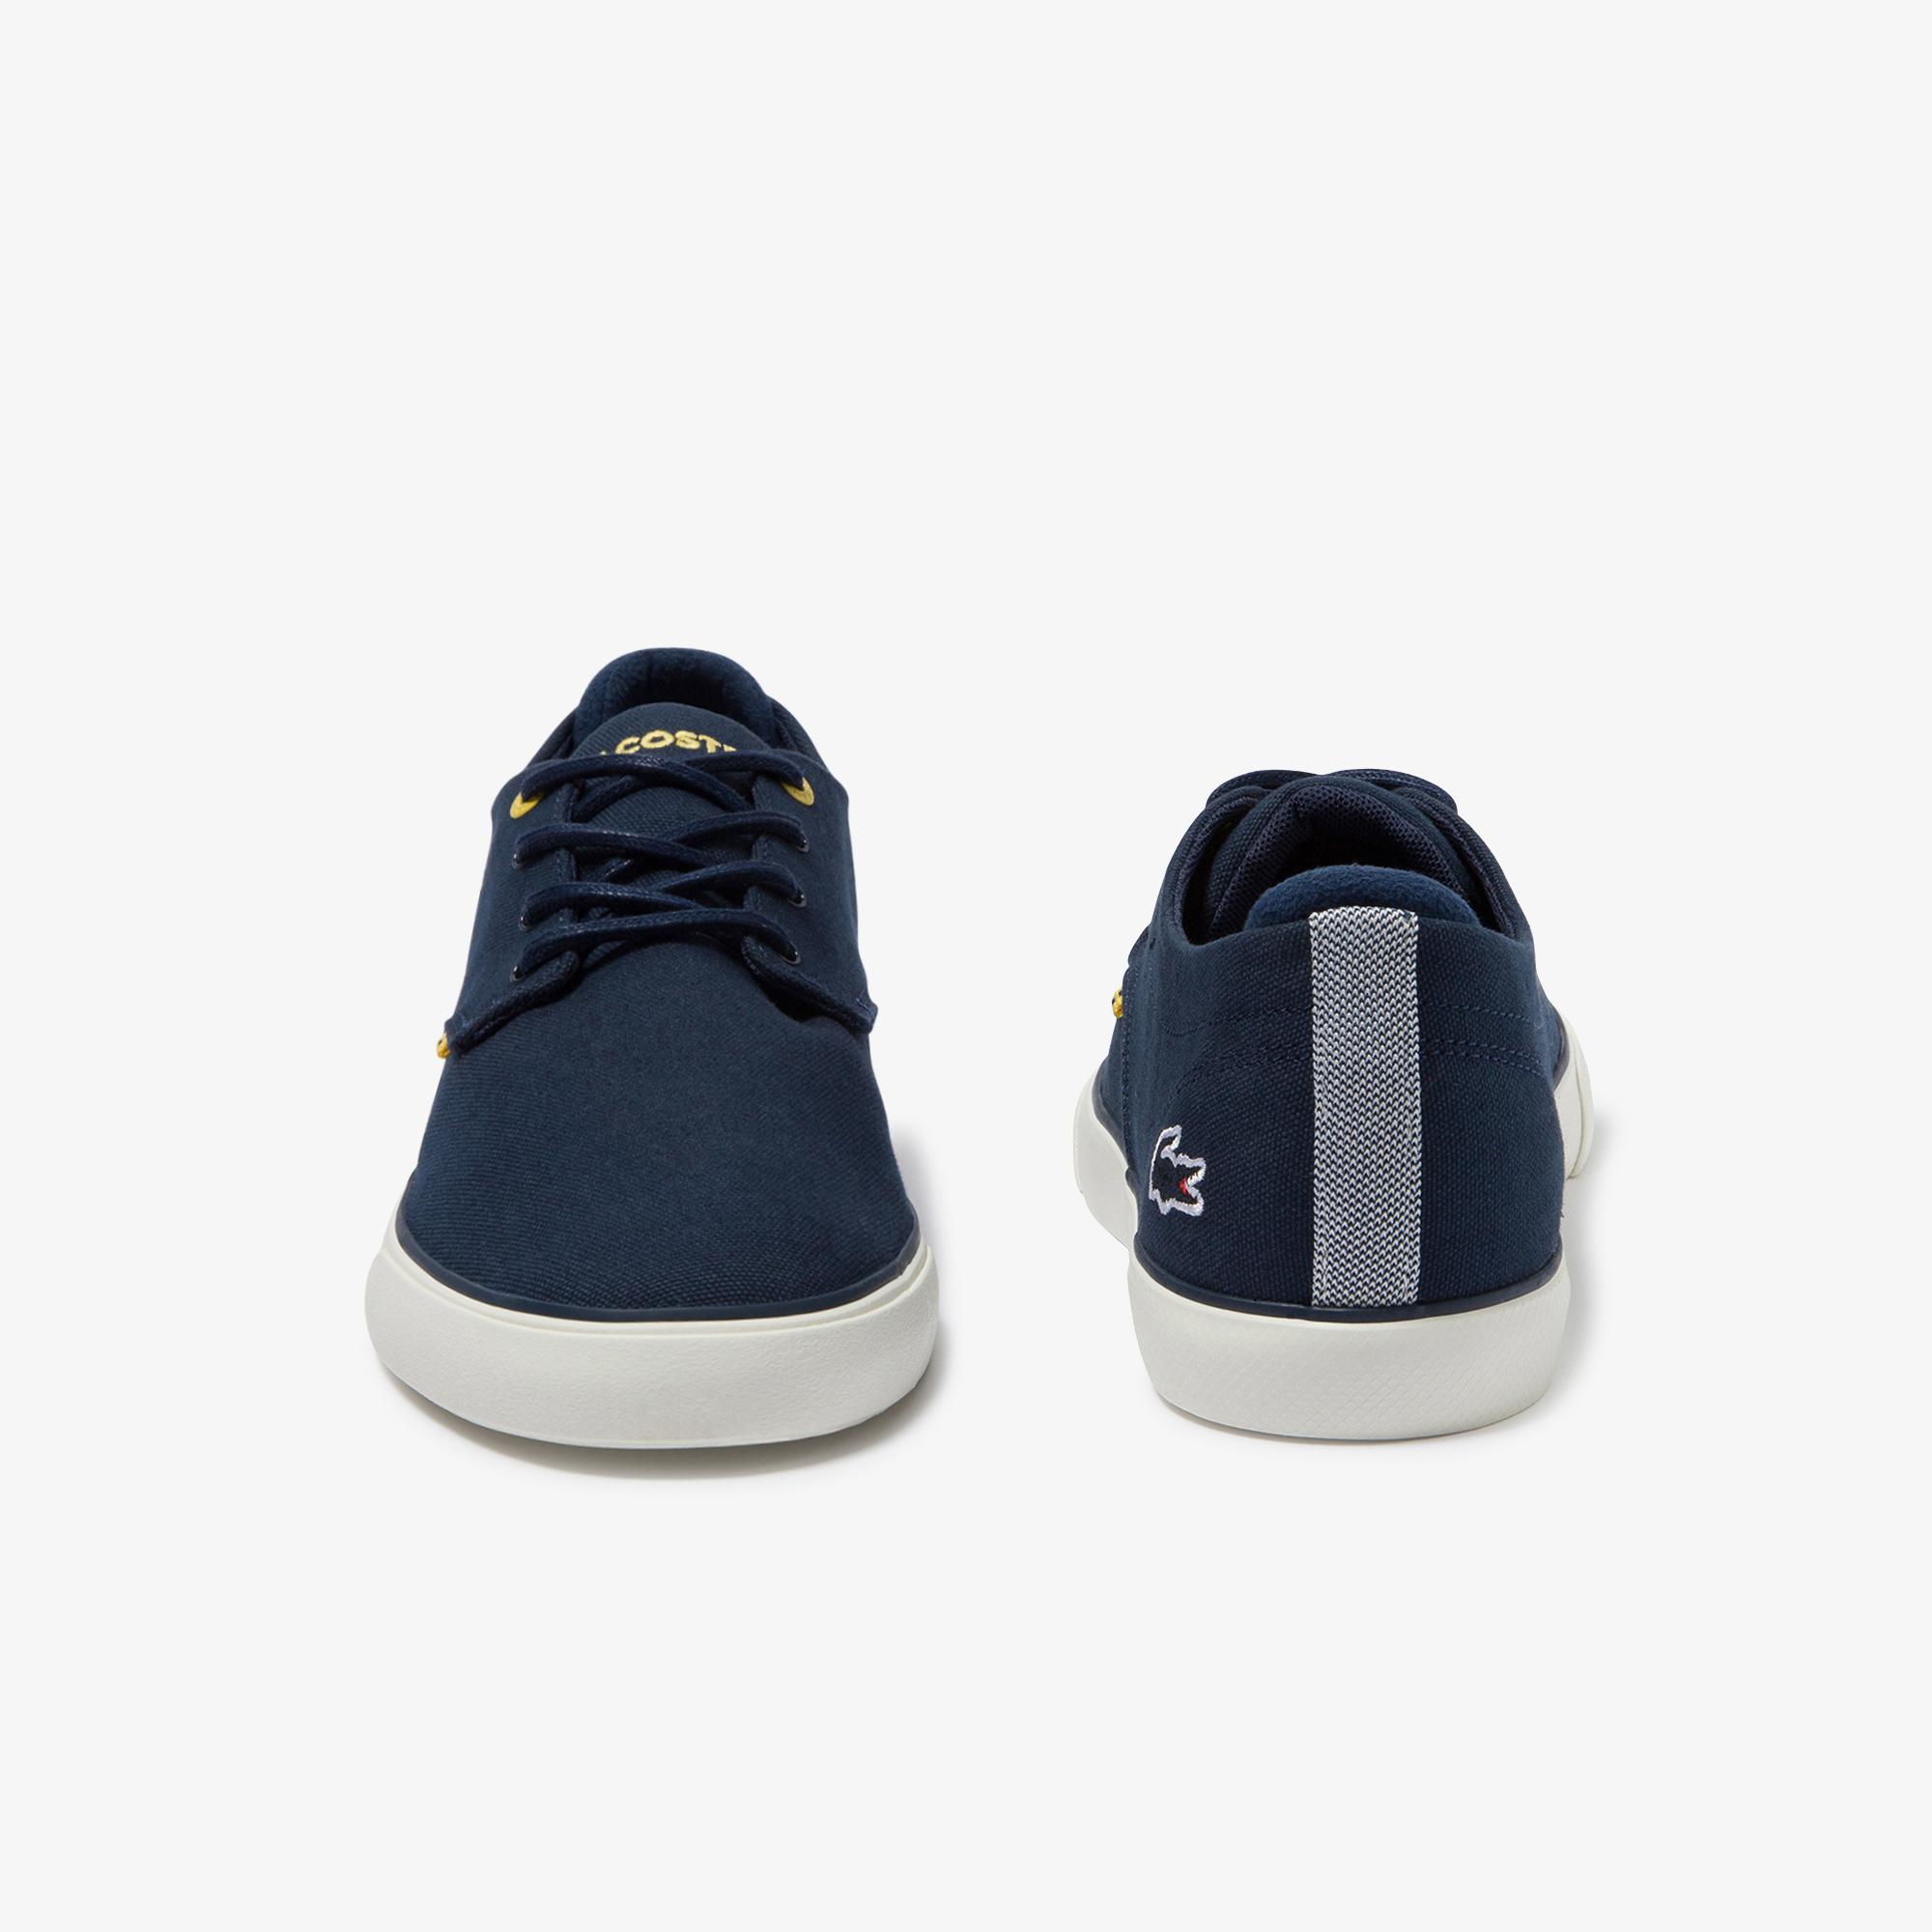 Lacoste Esparre 220 3 Men's Sneakers